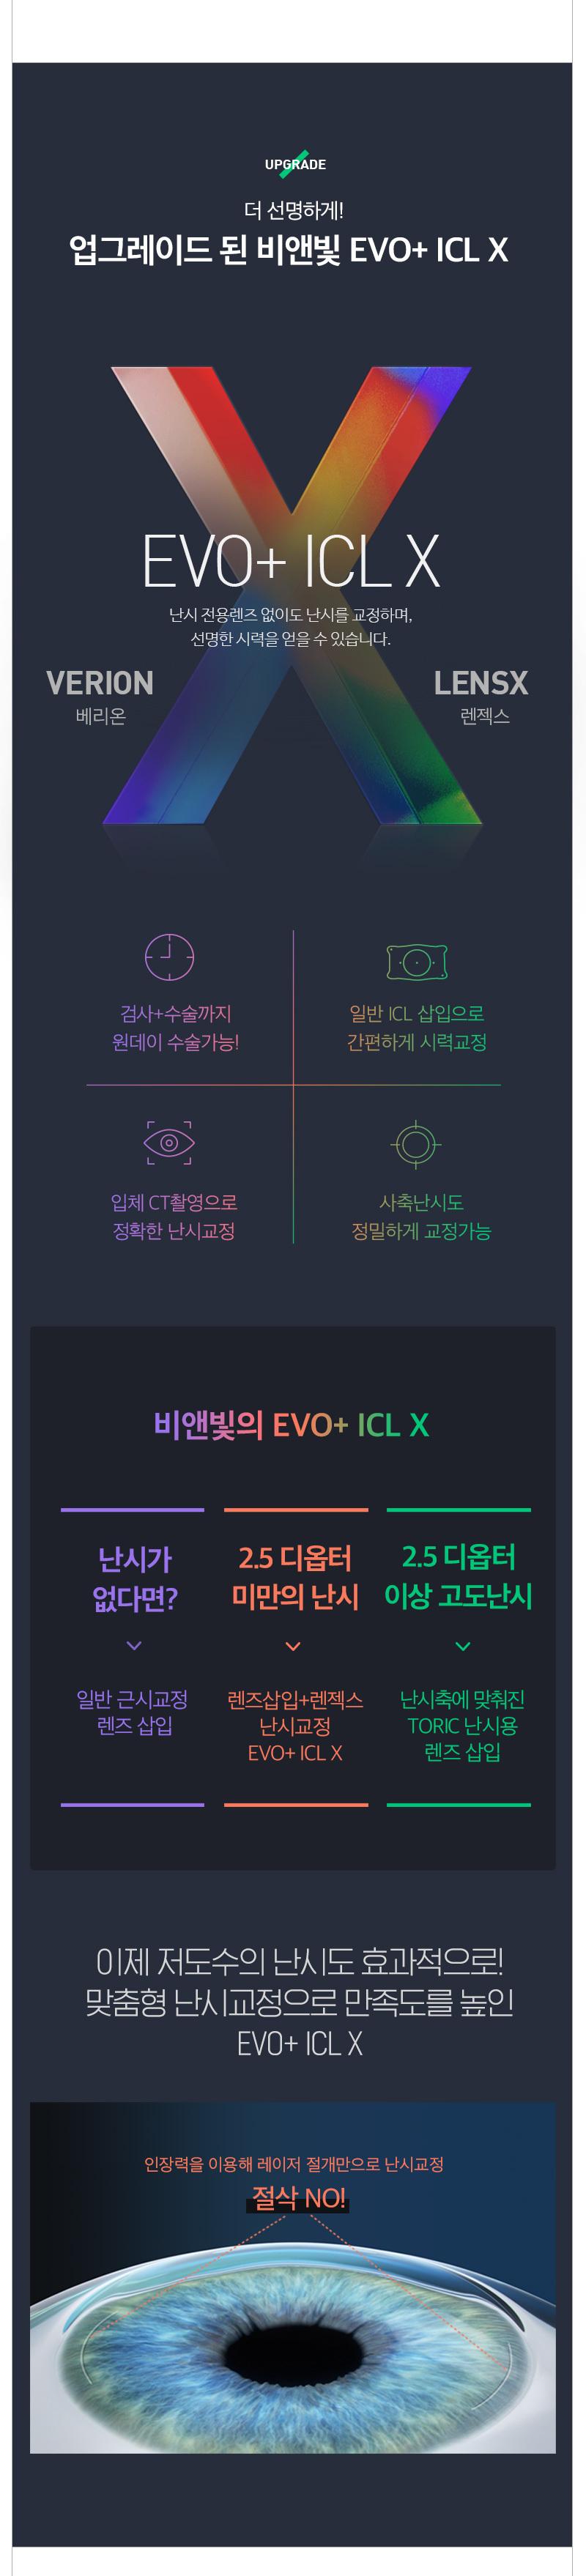 D event info bc28e5b48db901ca48